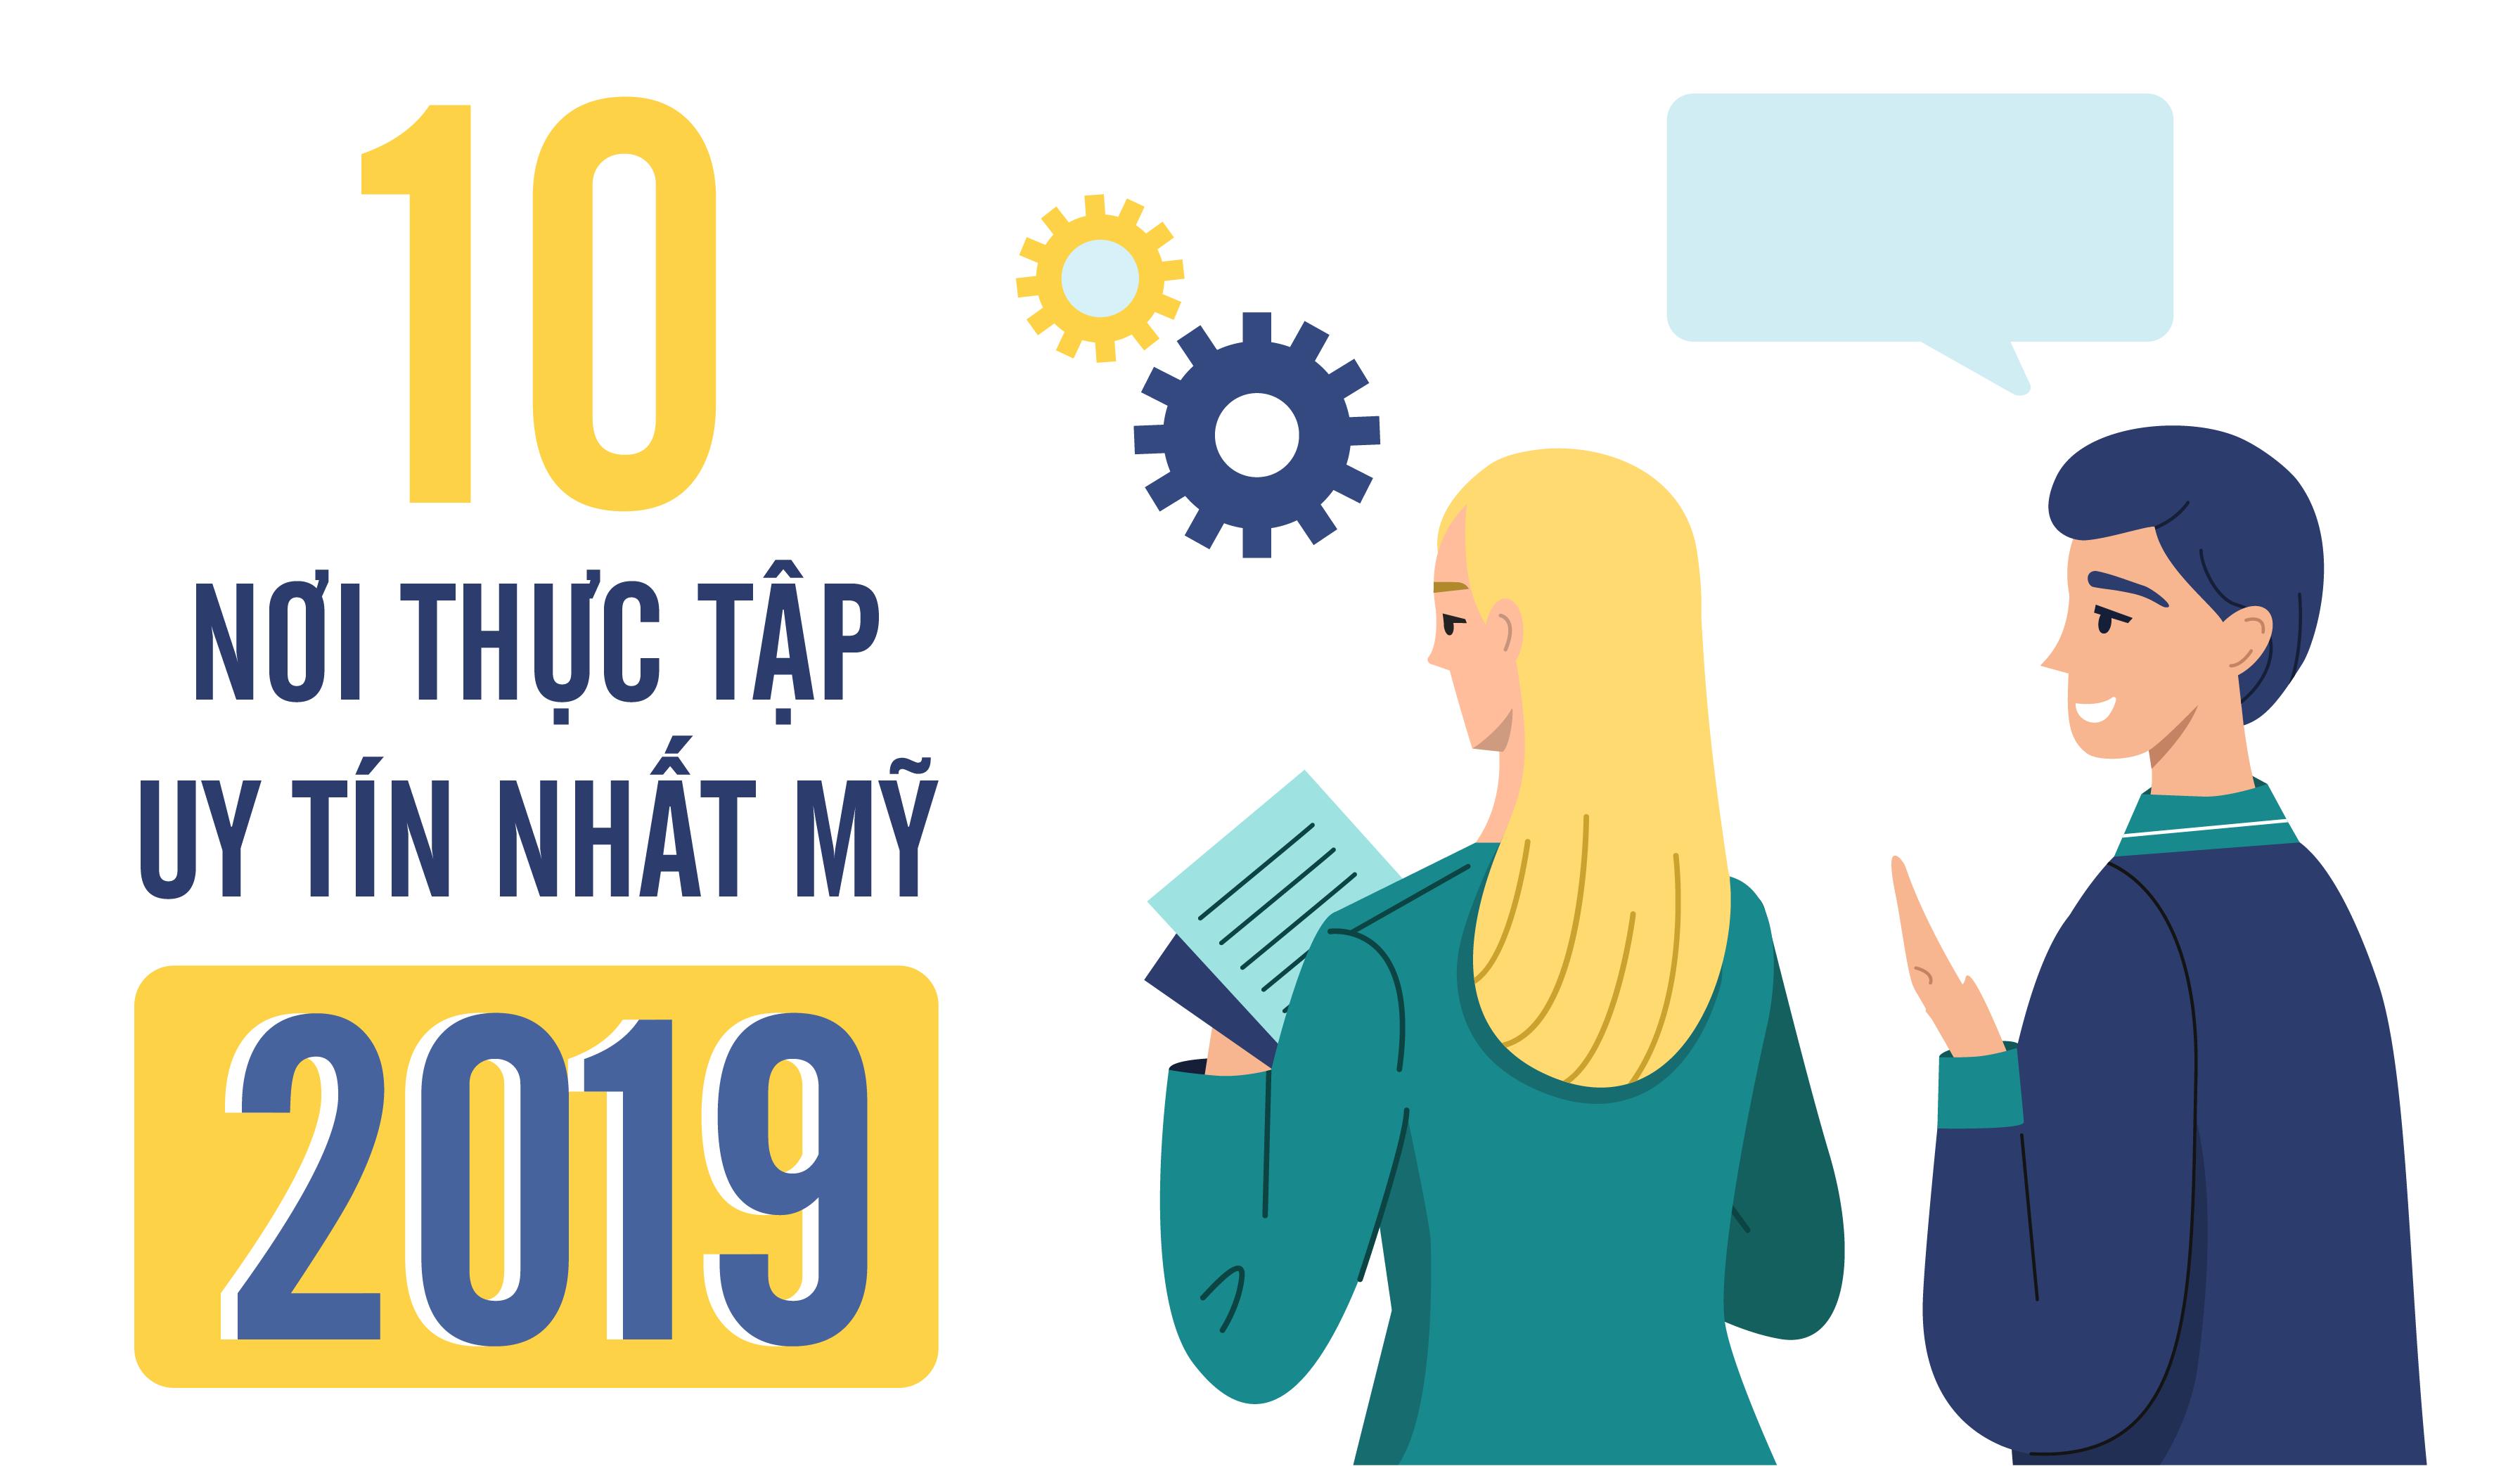 [Infographic] 10 nơi thực tập danh giá nhất Mỹ 2019